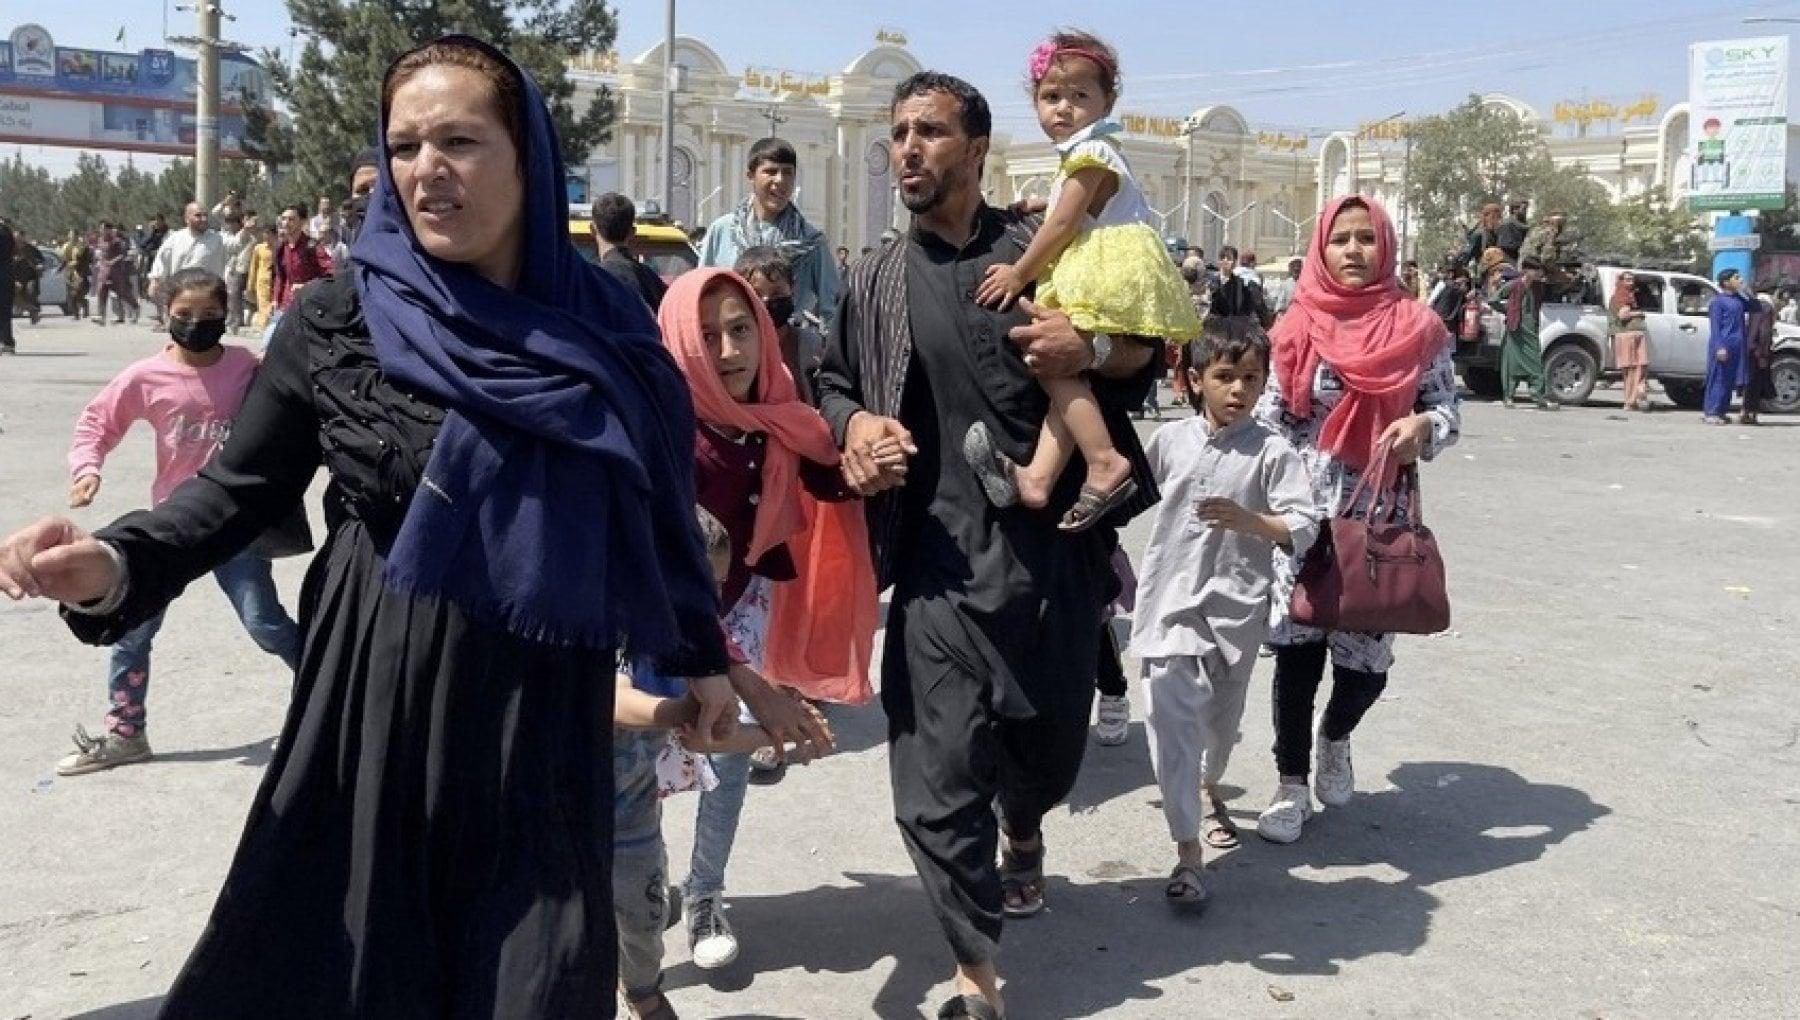 070052018 986eba34 052b 46b4 99f8 7d822fcfc6a8 - Afghanistan, gli Usa hanno evacuato oltre 2mila cittadini. Regno Unito pronto ad accogliere 20mila profughi